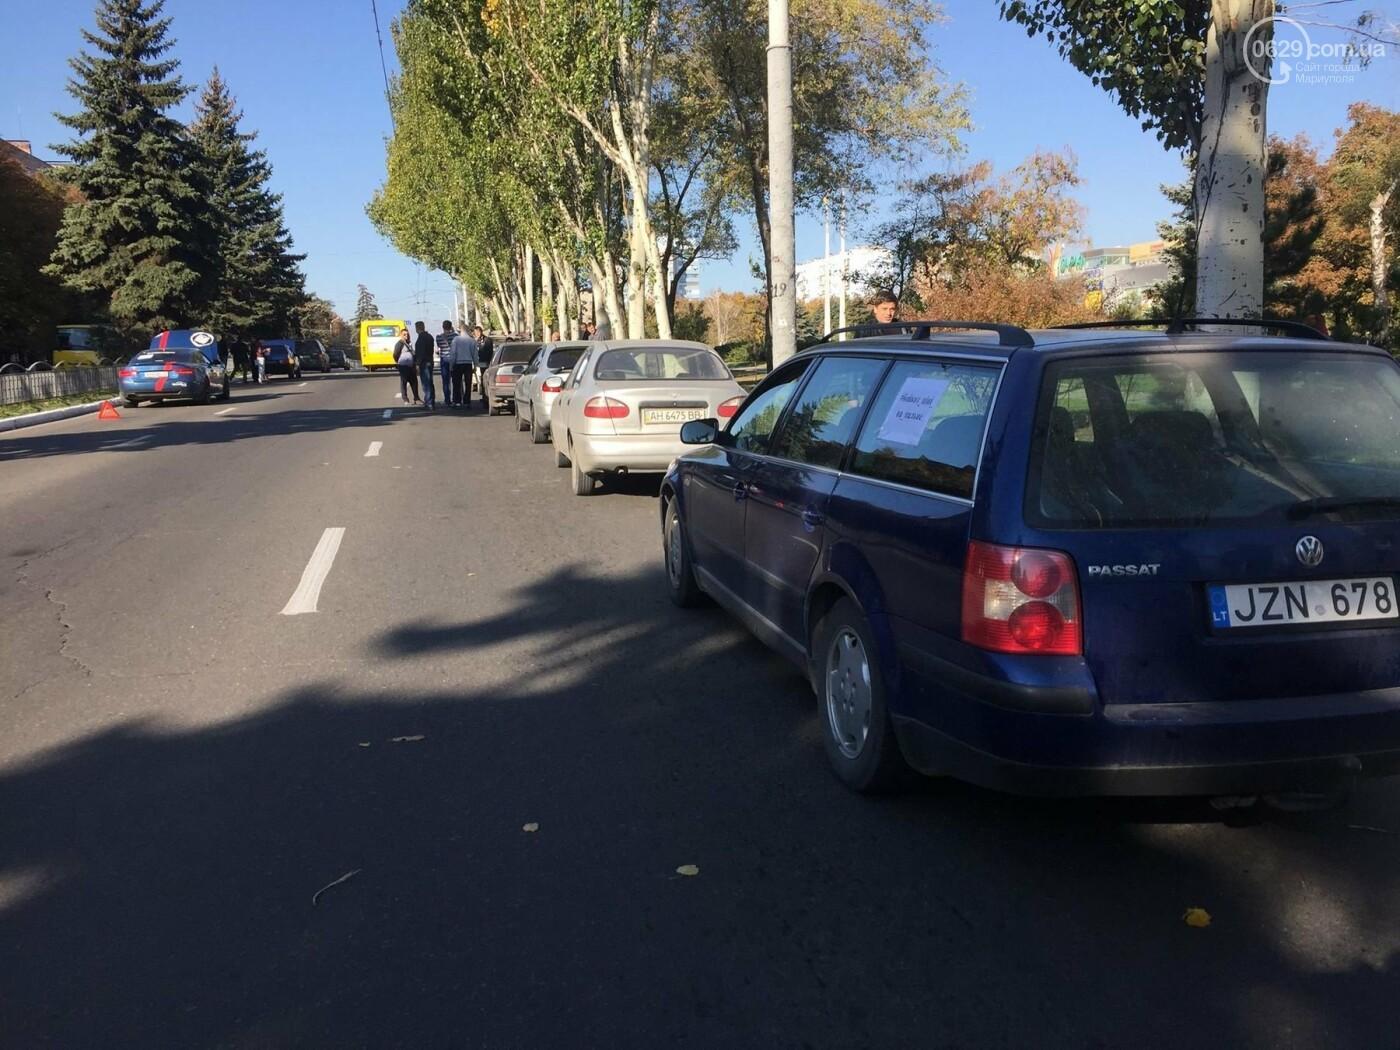 Автомобилисты в центре Мариуполя сигналили против высоких цен на топливо, - ФОТО, ВИДЕО, фото-3